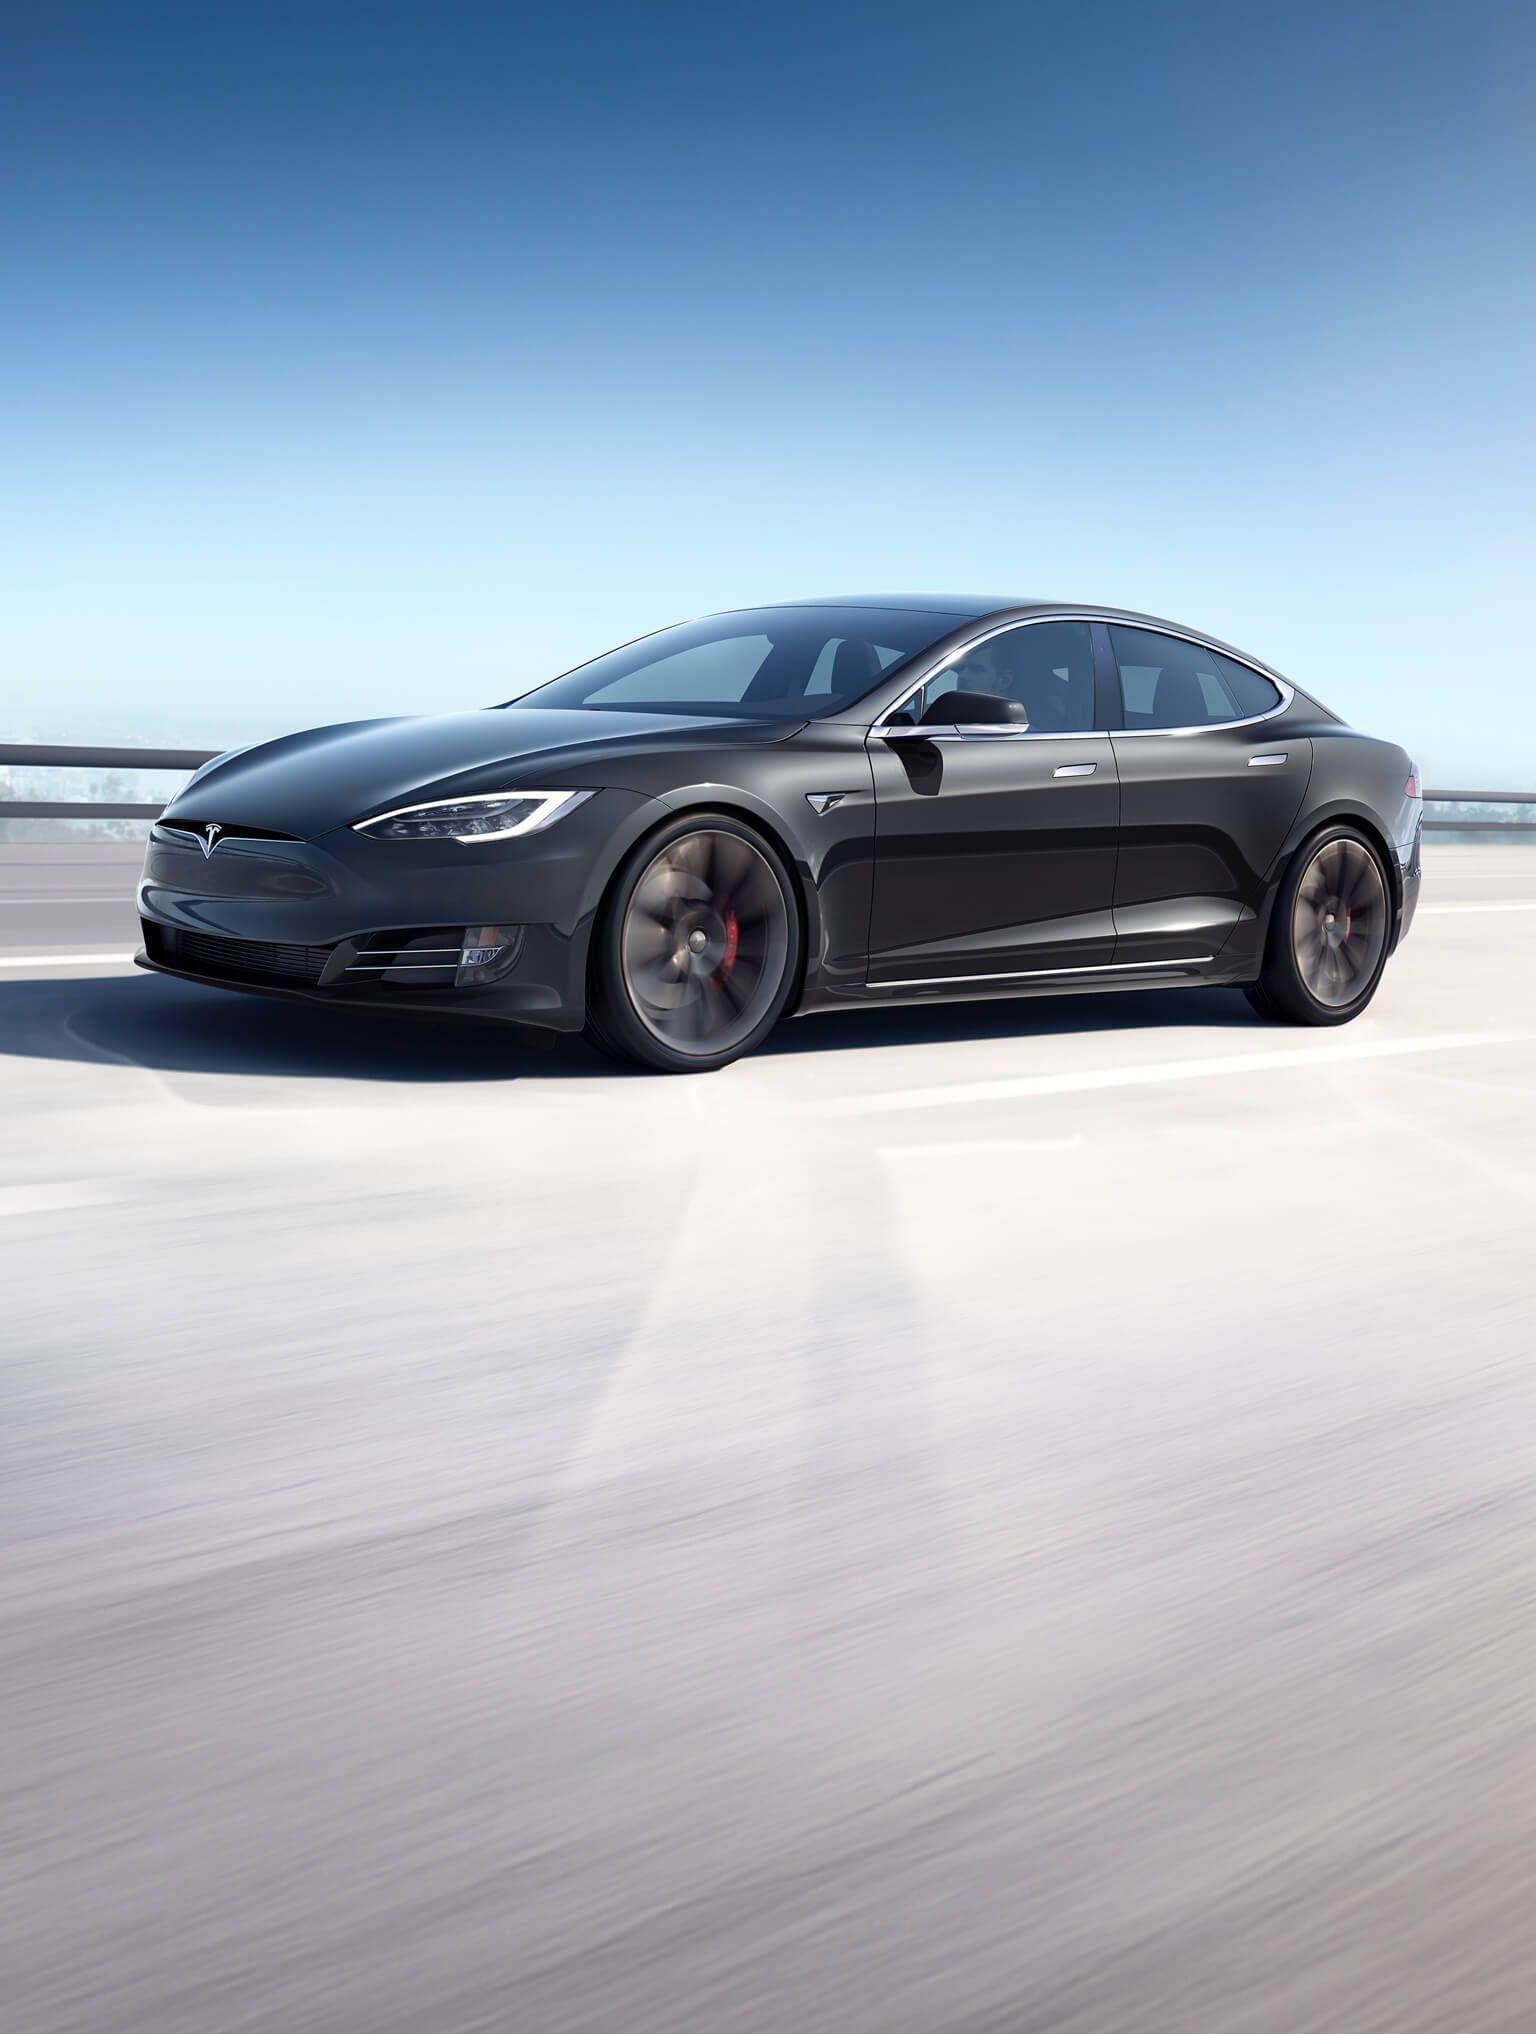 Tesla Model S Tesla Model S Tesla Motors Model S Tesla Car Models